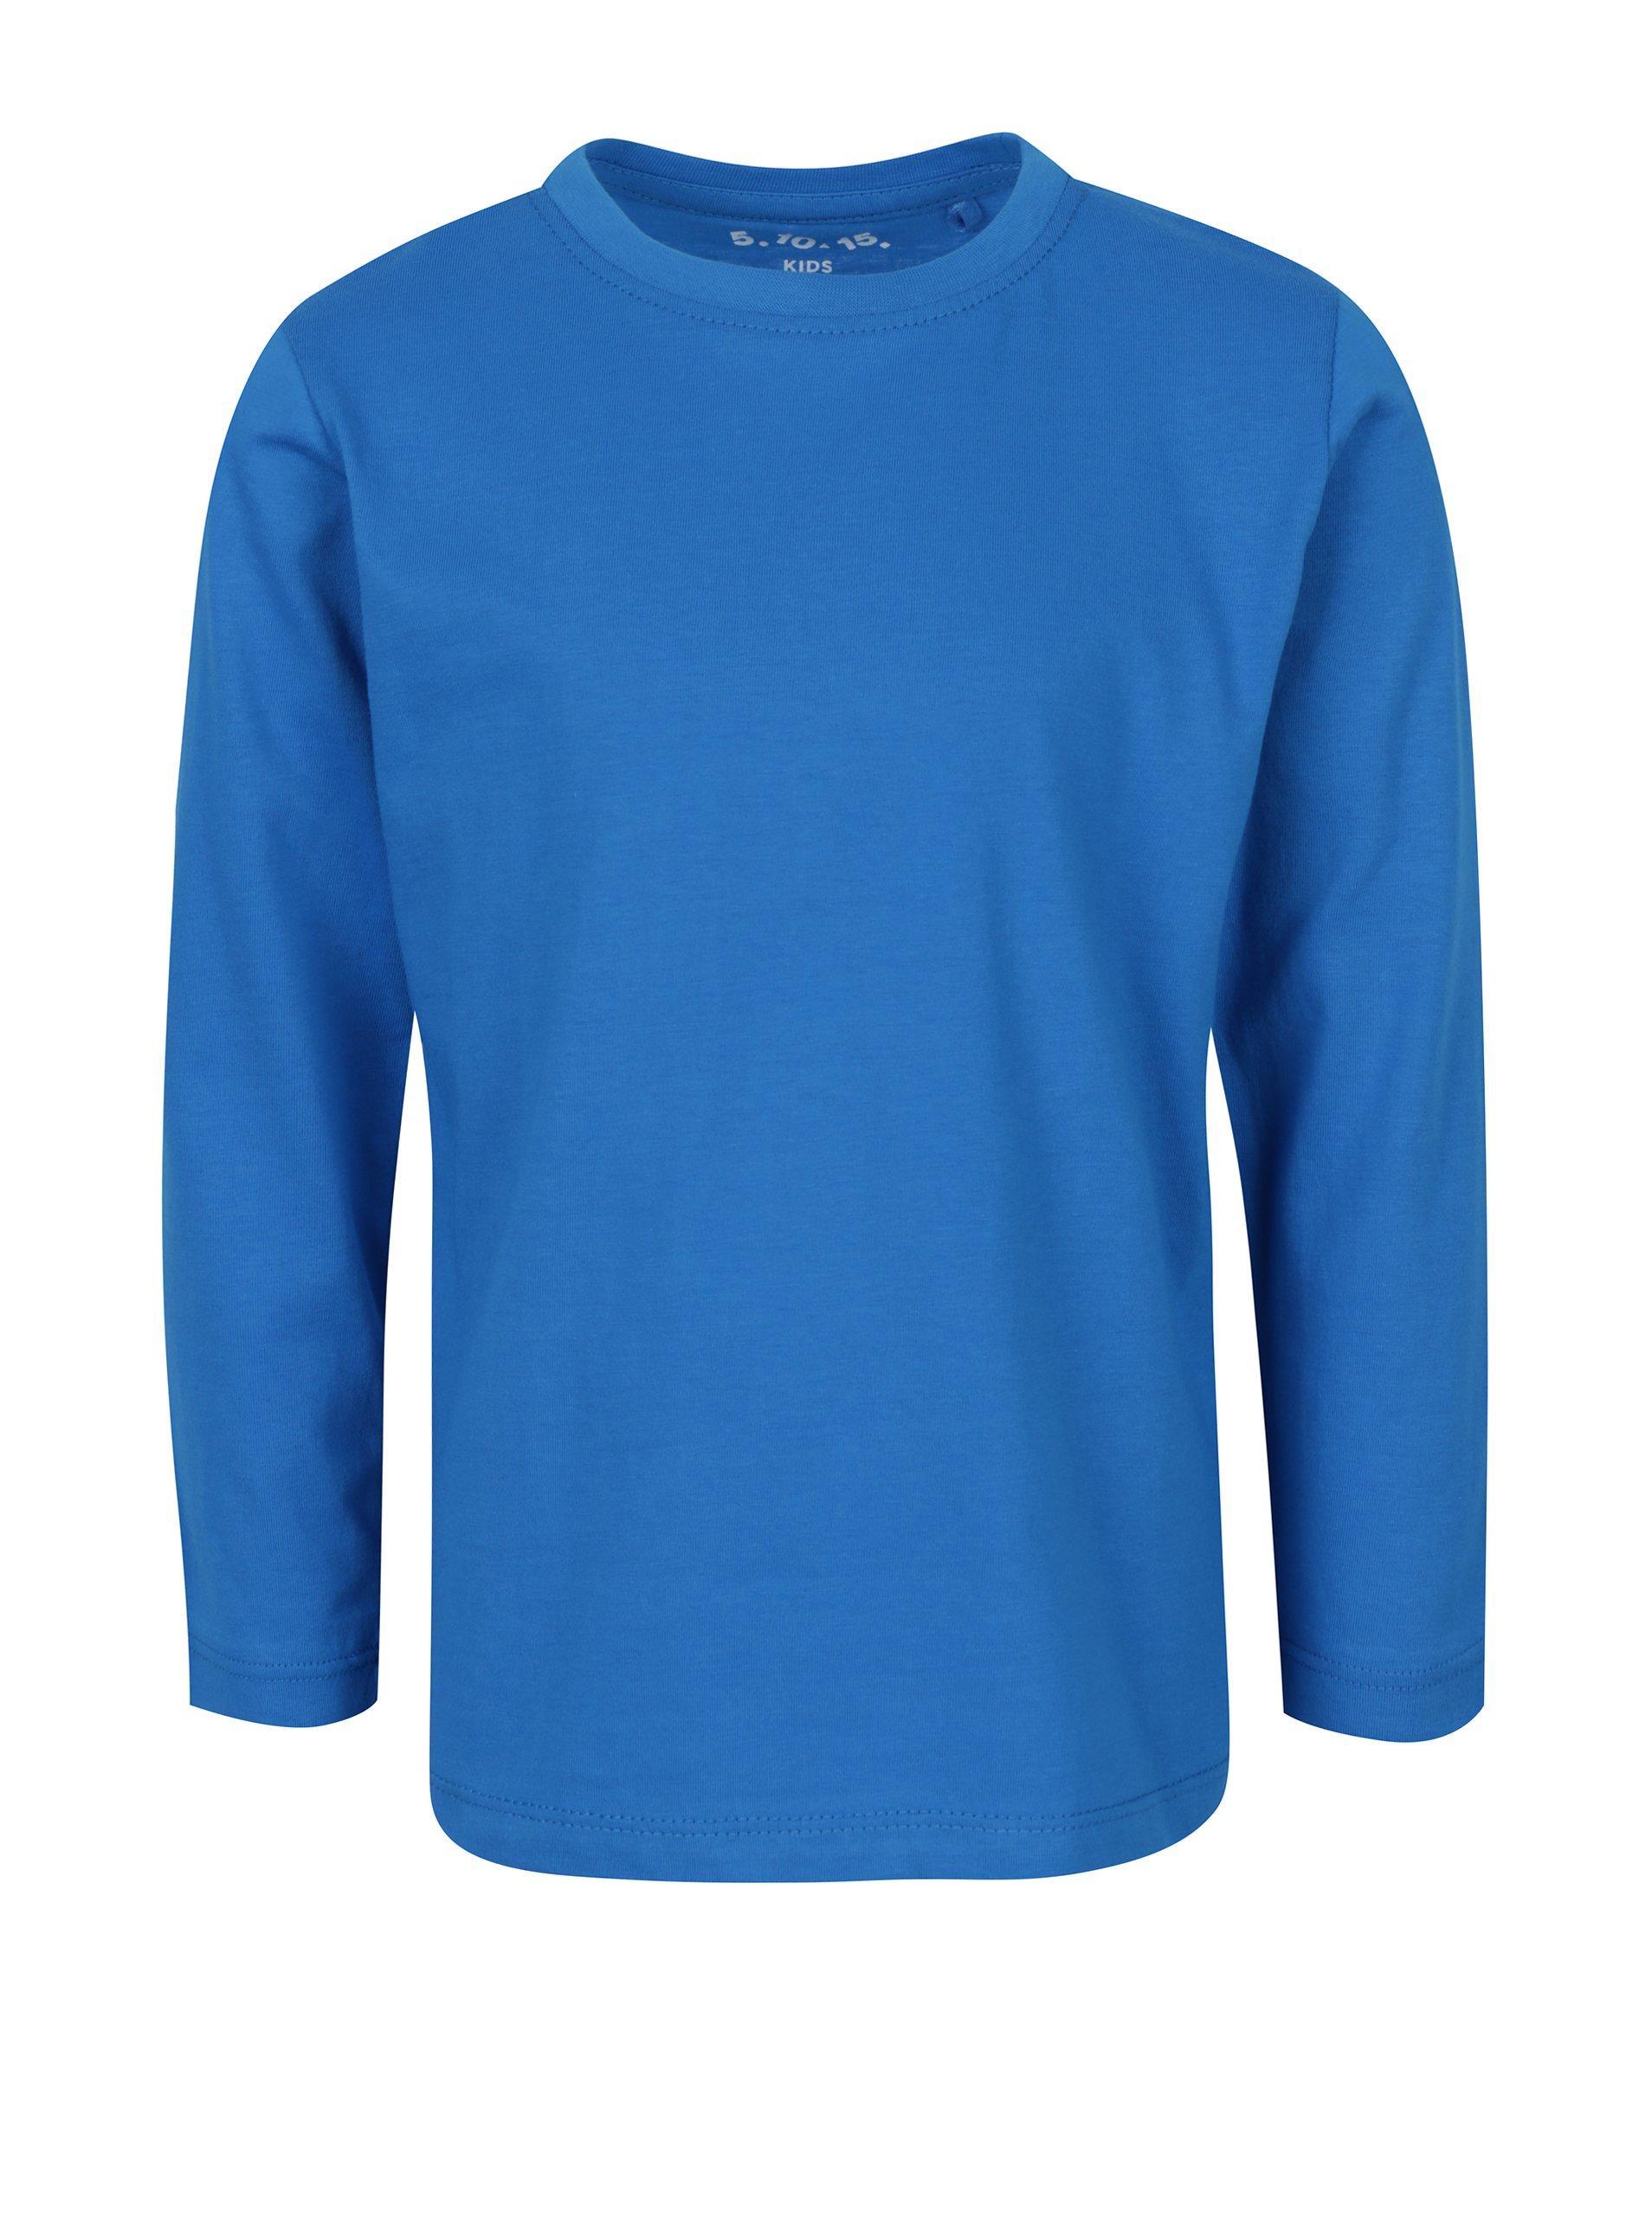 Modré klučičí tričko s dlouhým rukávem 5.10.15.